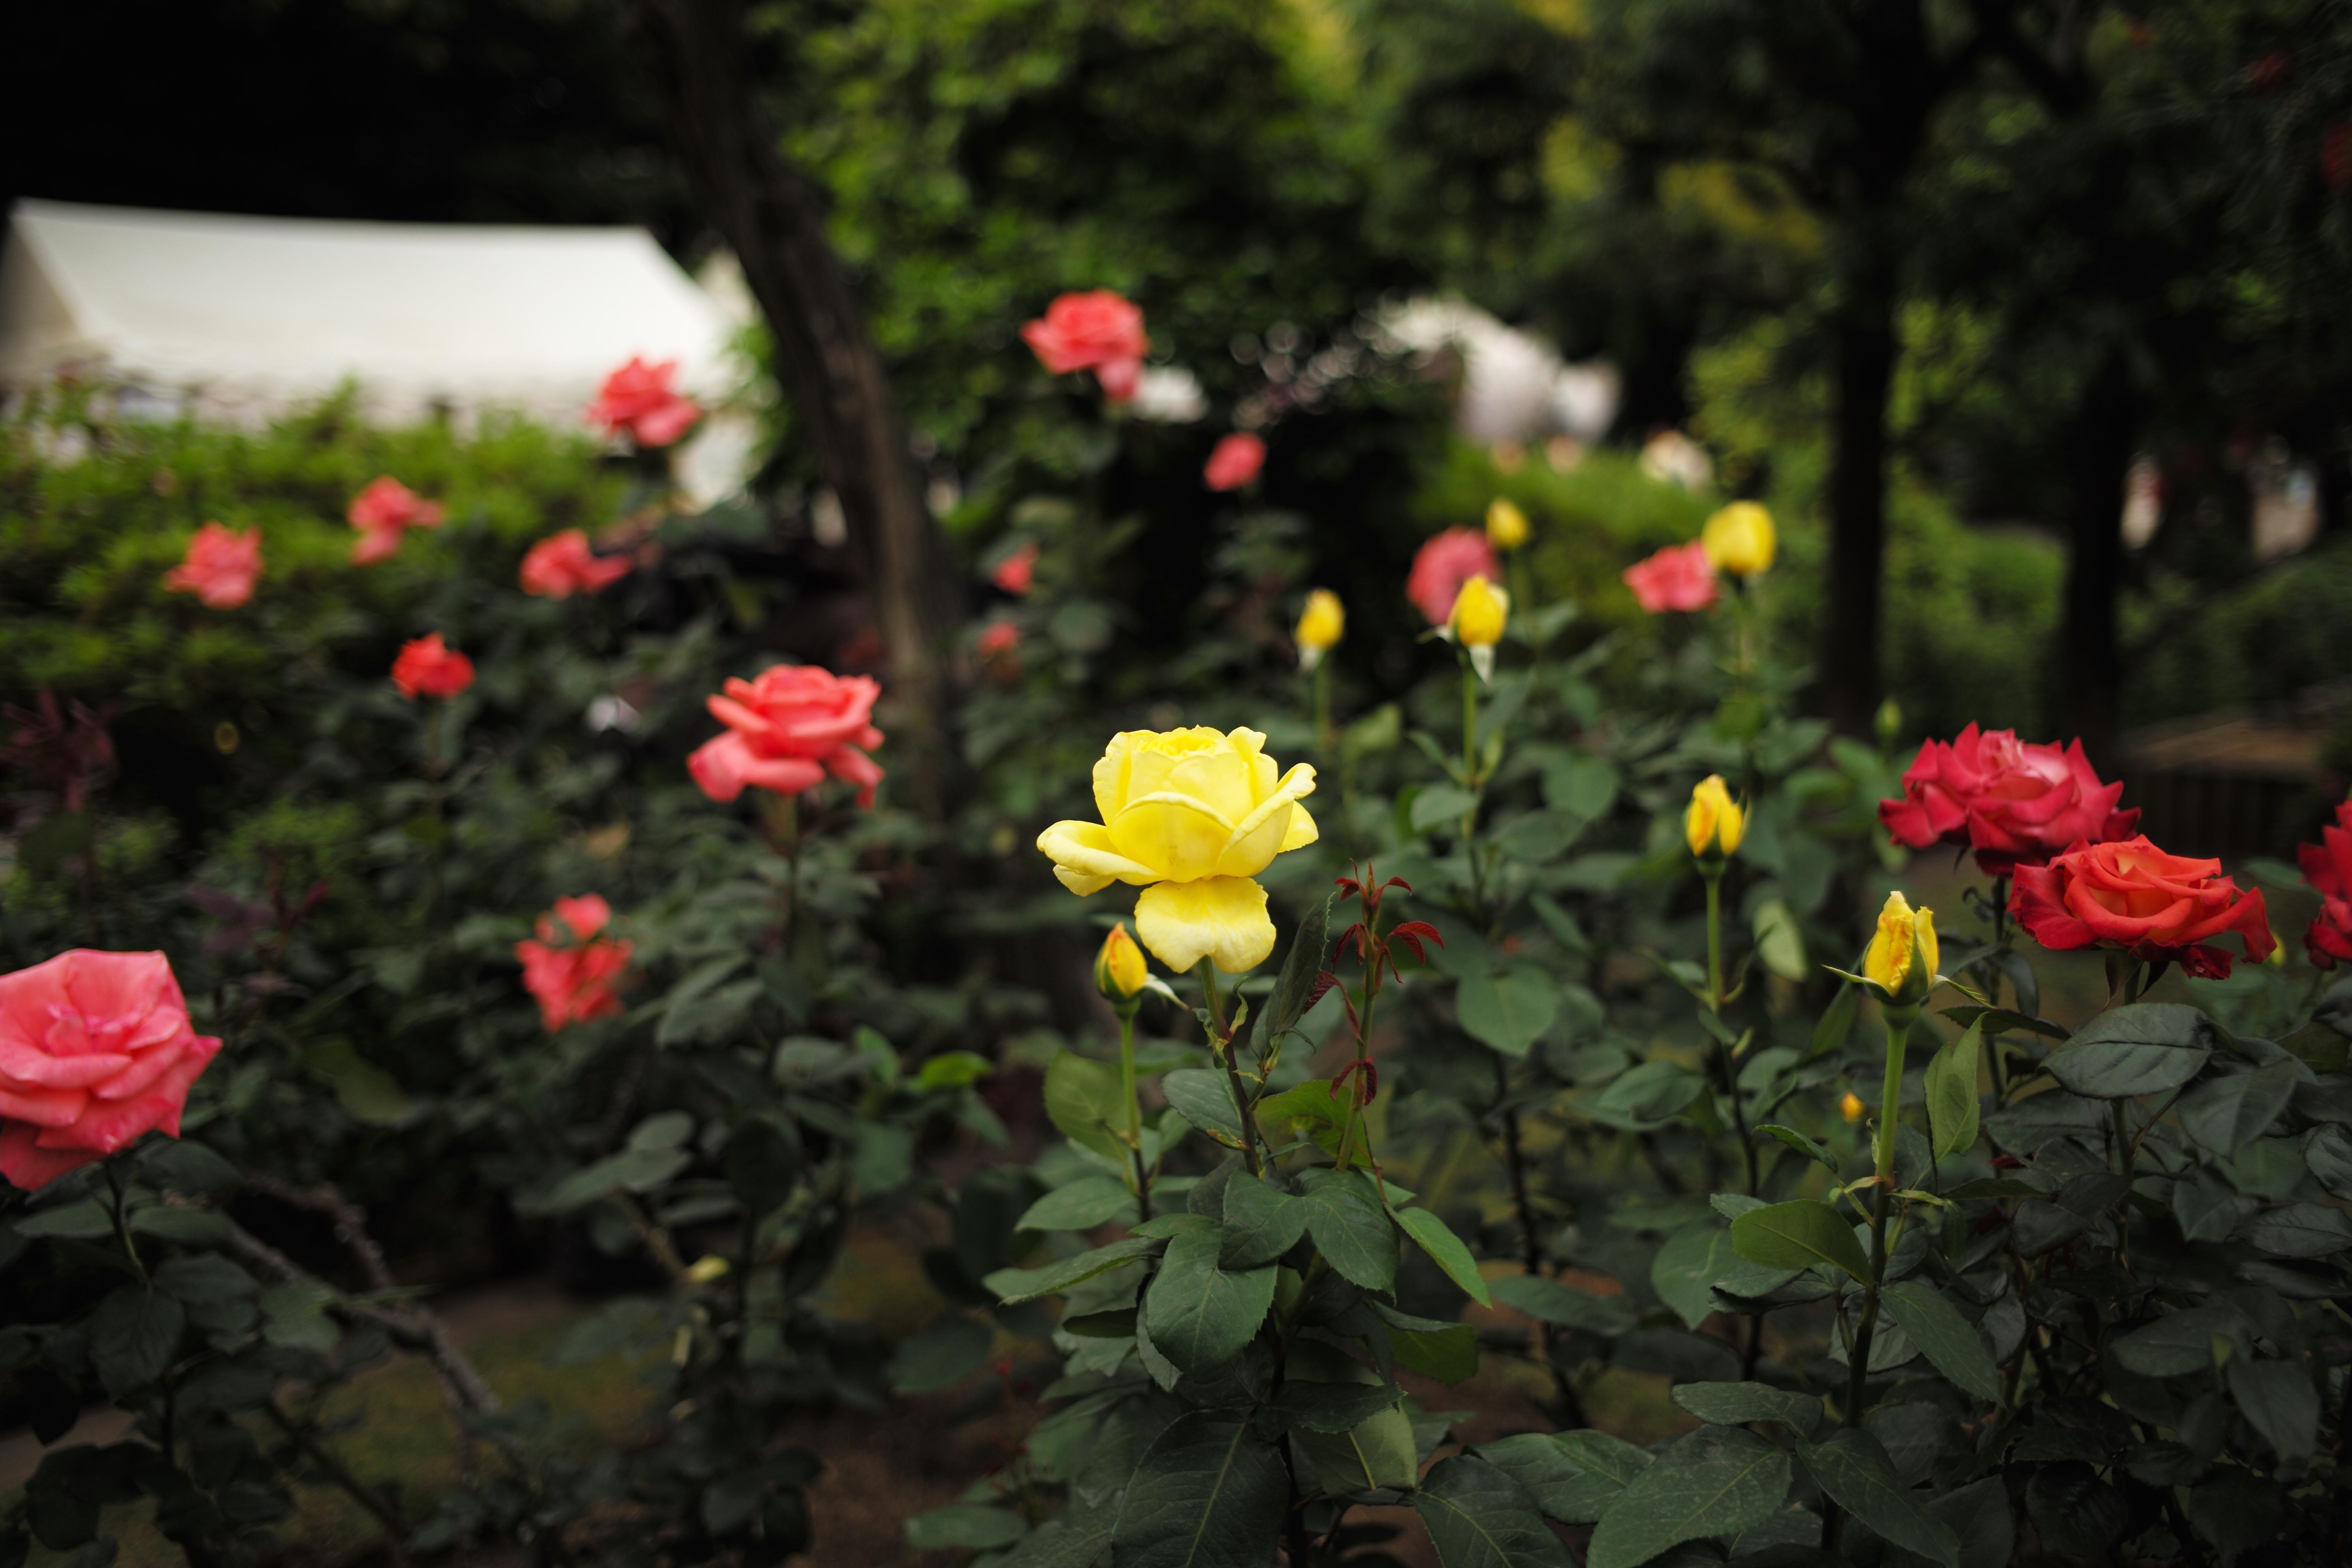 fondos de pantalla rosa leica tokio metro flor flora